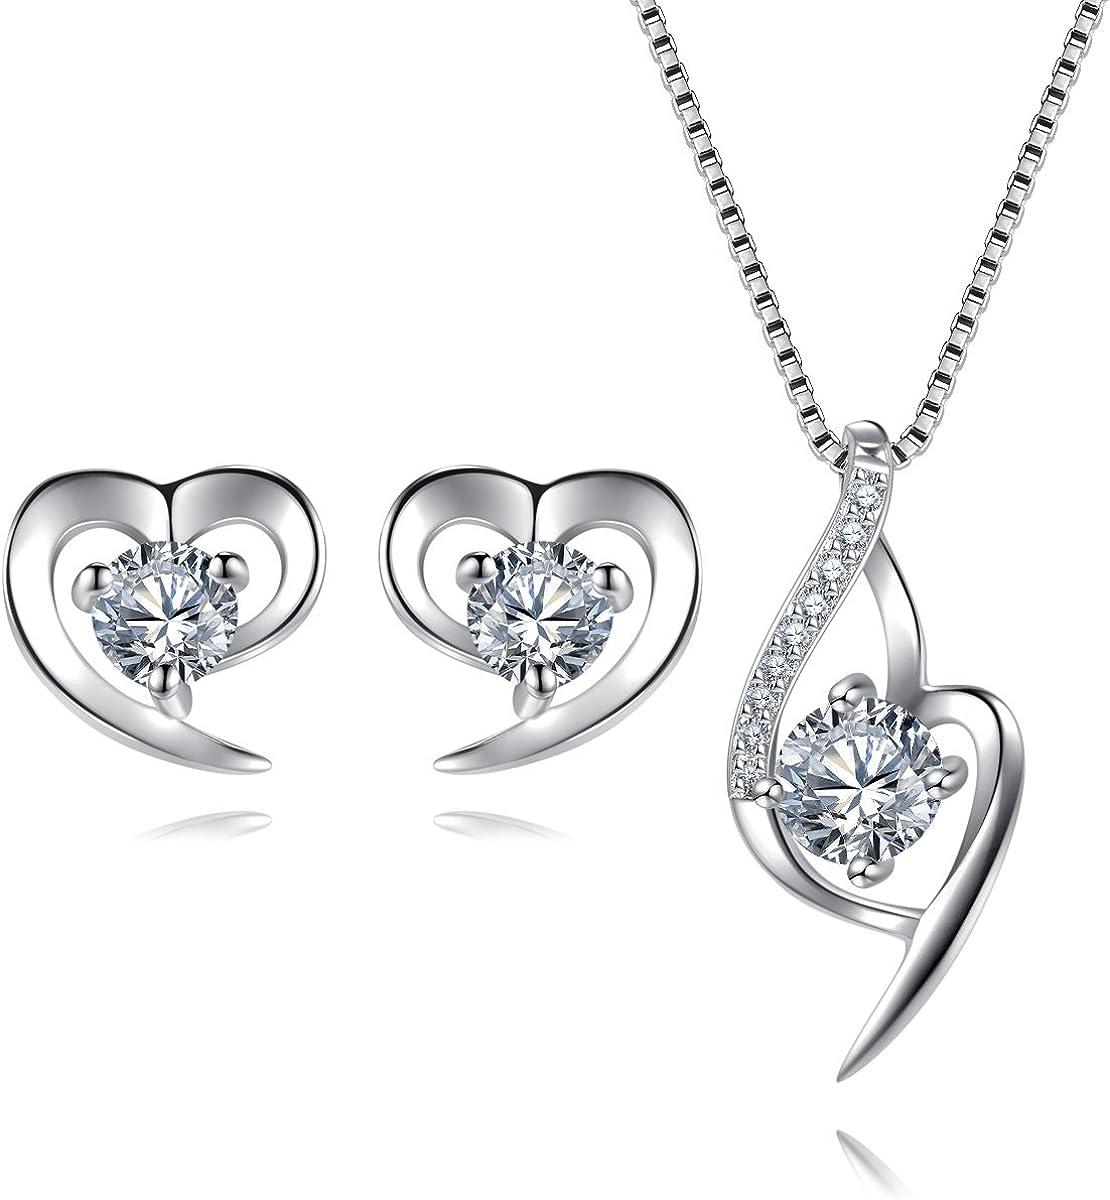 EVERU Conjunto de Joyas Corazón de Plata 925 para Mujeres, Juego de Collar y Aretes Brillante Circonita Regalos Originales con Hermosa Caja Regalo